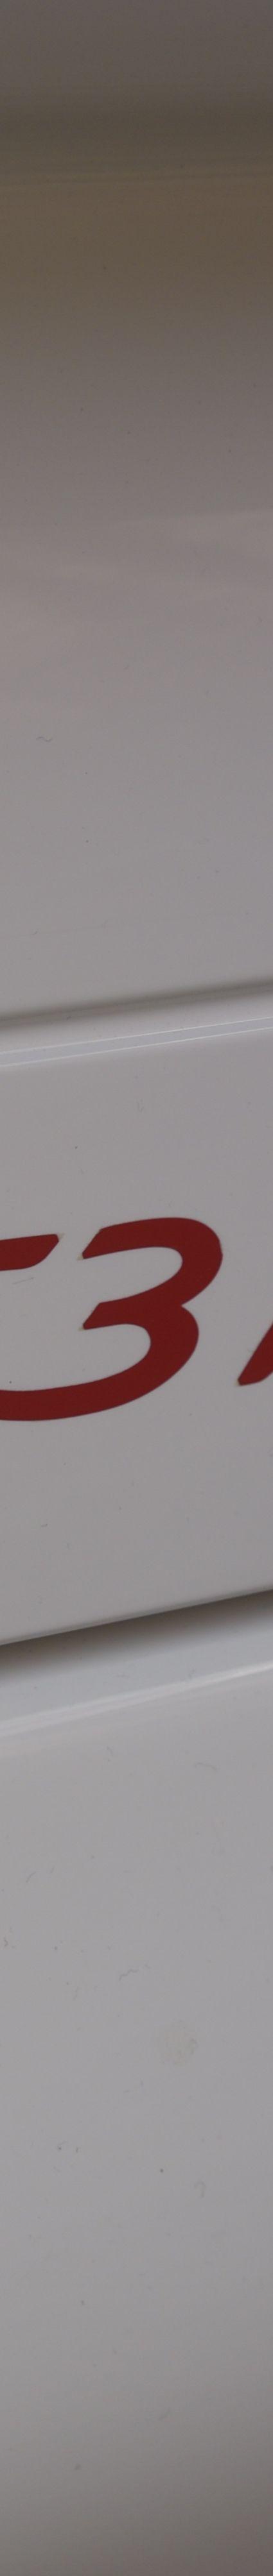 _DSC3267